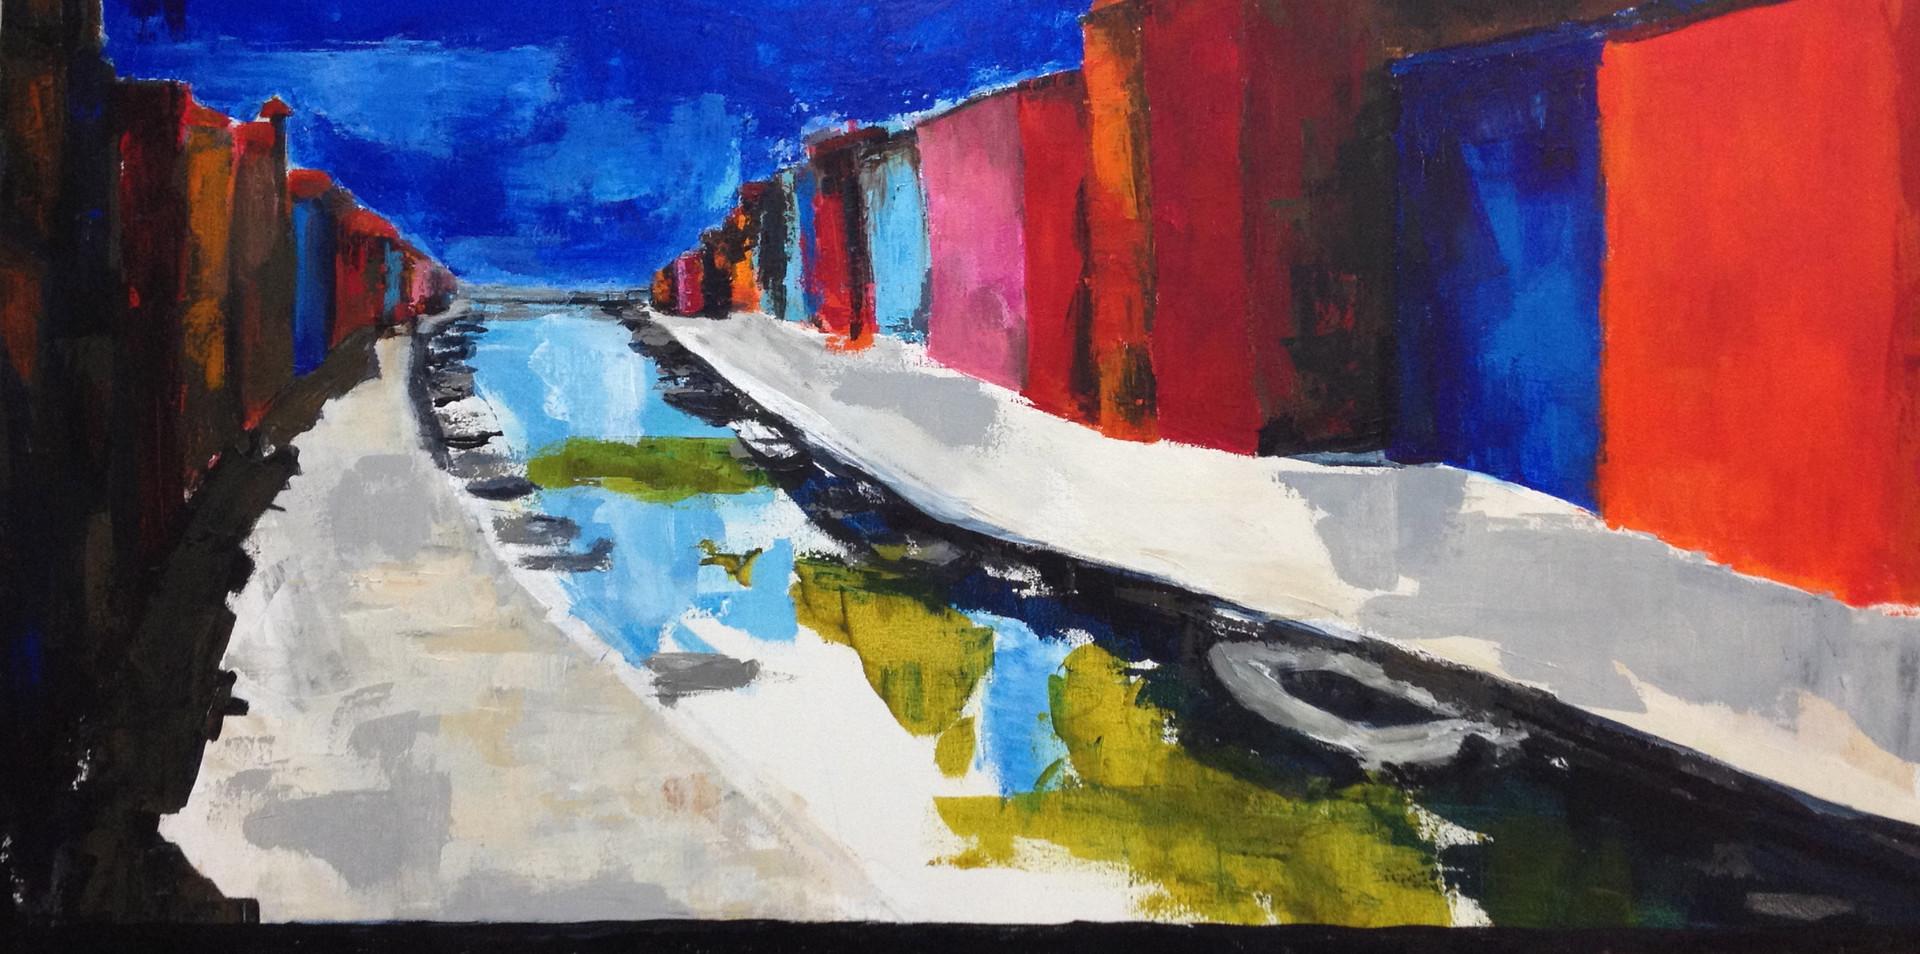 Casette sul Canale di Burano